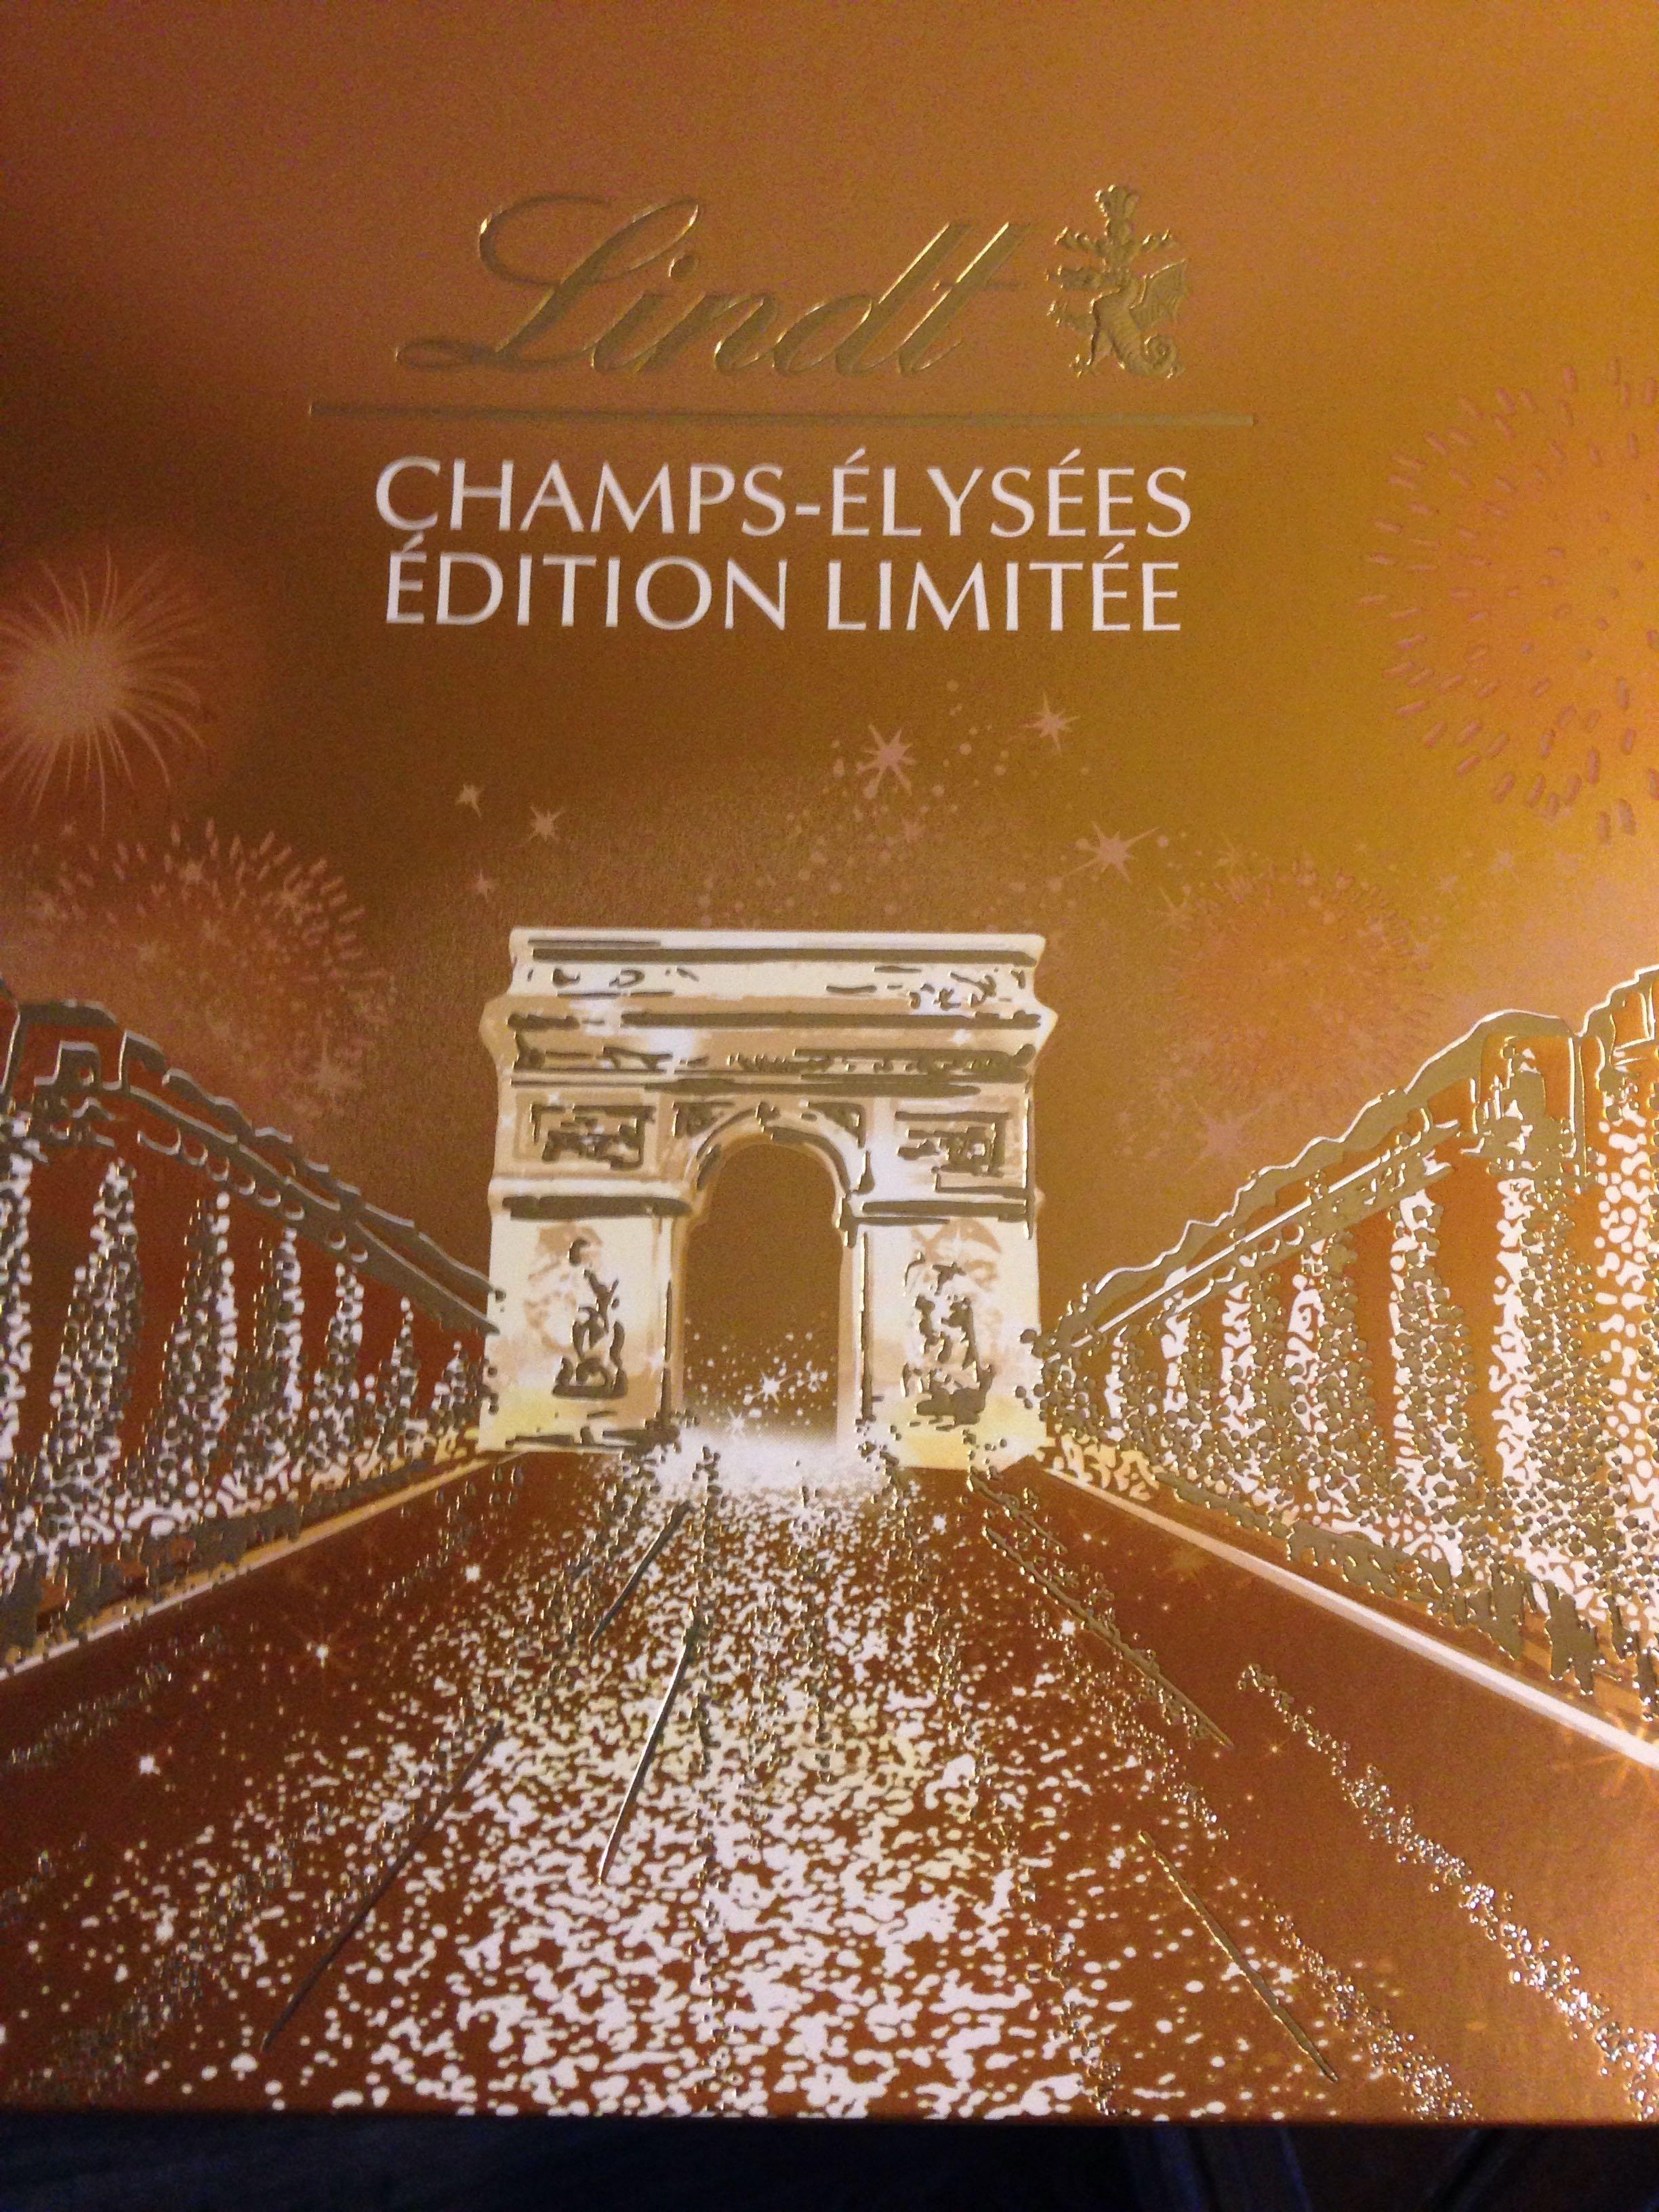 Champs-Élysées Édition Limitée - Product